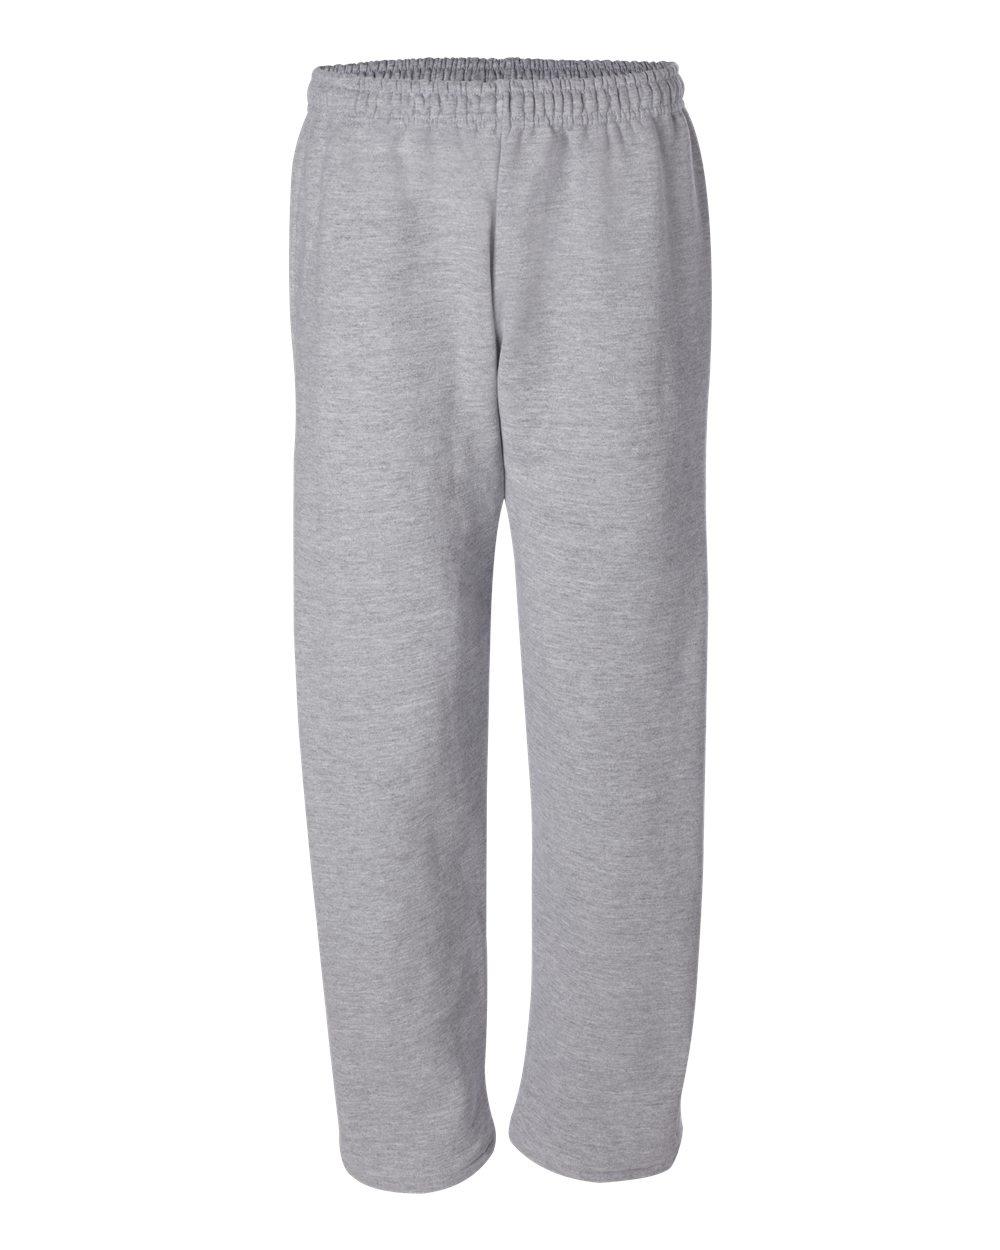 Gildan-Mens-DryBlend-Open-Bottom-Pocket-Sweatpants-12300-up-to-2XL thumbnail 15